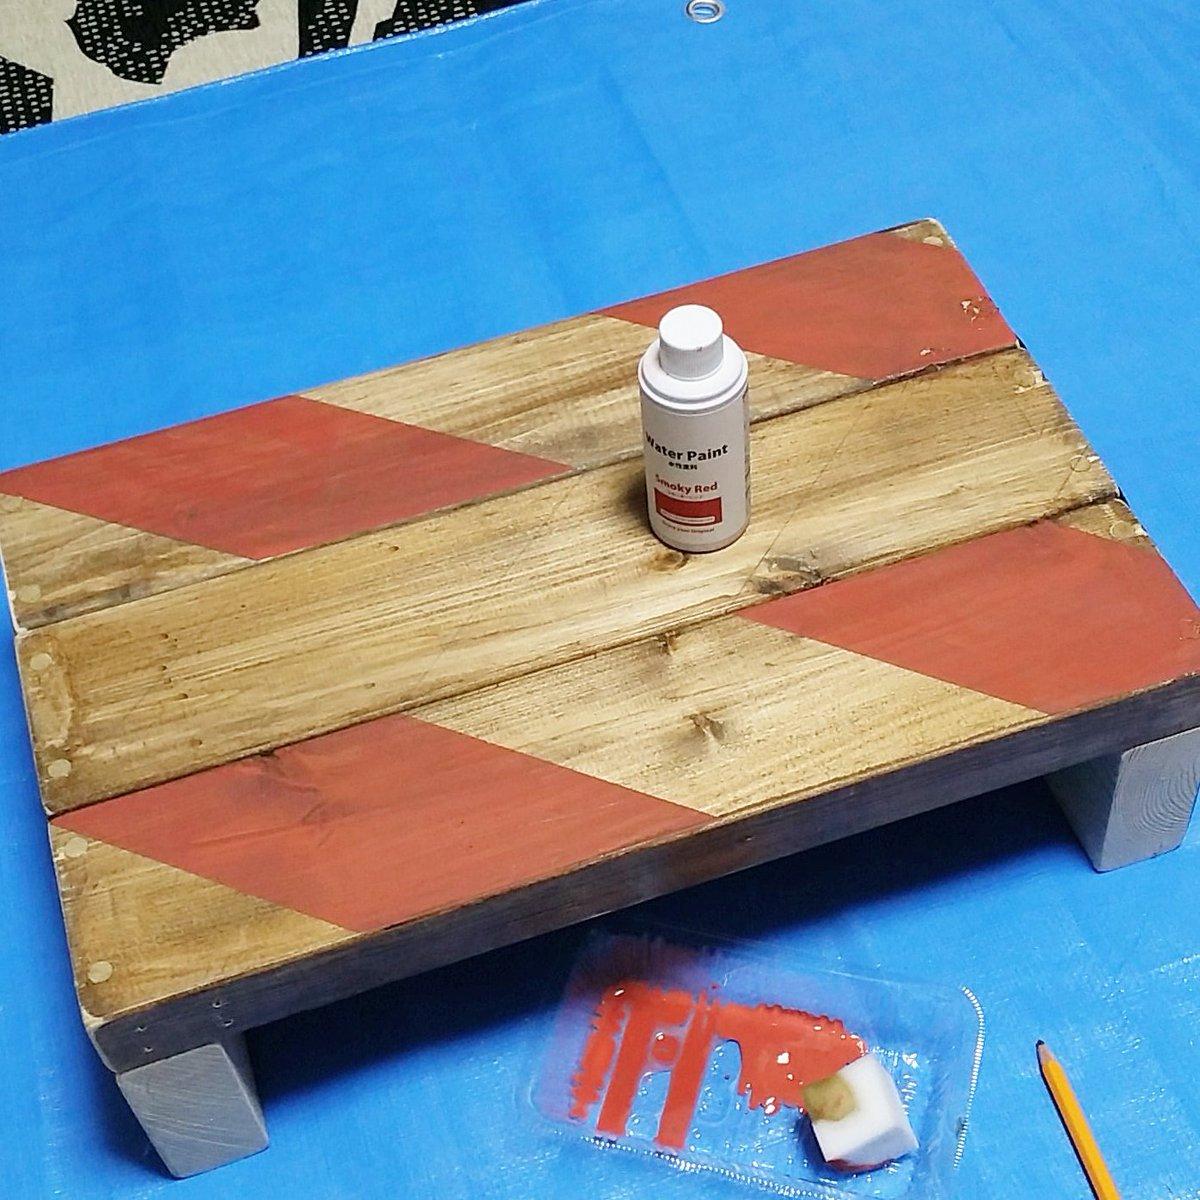 test ツイッターメディア - 100均セリアの水性塗料でヘリンボーンみたいにペイントしてみました。仕上げは紙やすりで塗装を少し削ってジャンクな男前インテリアに合う雰囲気にしたつもりです。 #diy女子 #100均diy #セリア ★作り方はhttps://t.co/f6zVUapiKm https://t.co/xDsDjJRs9D